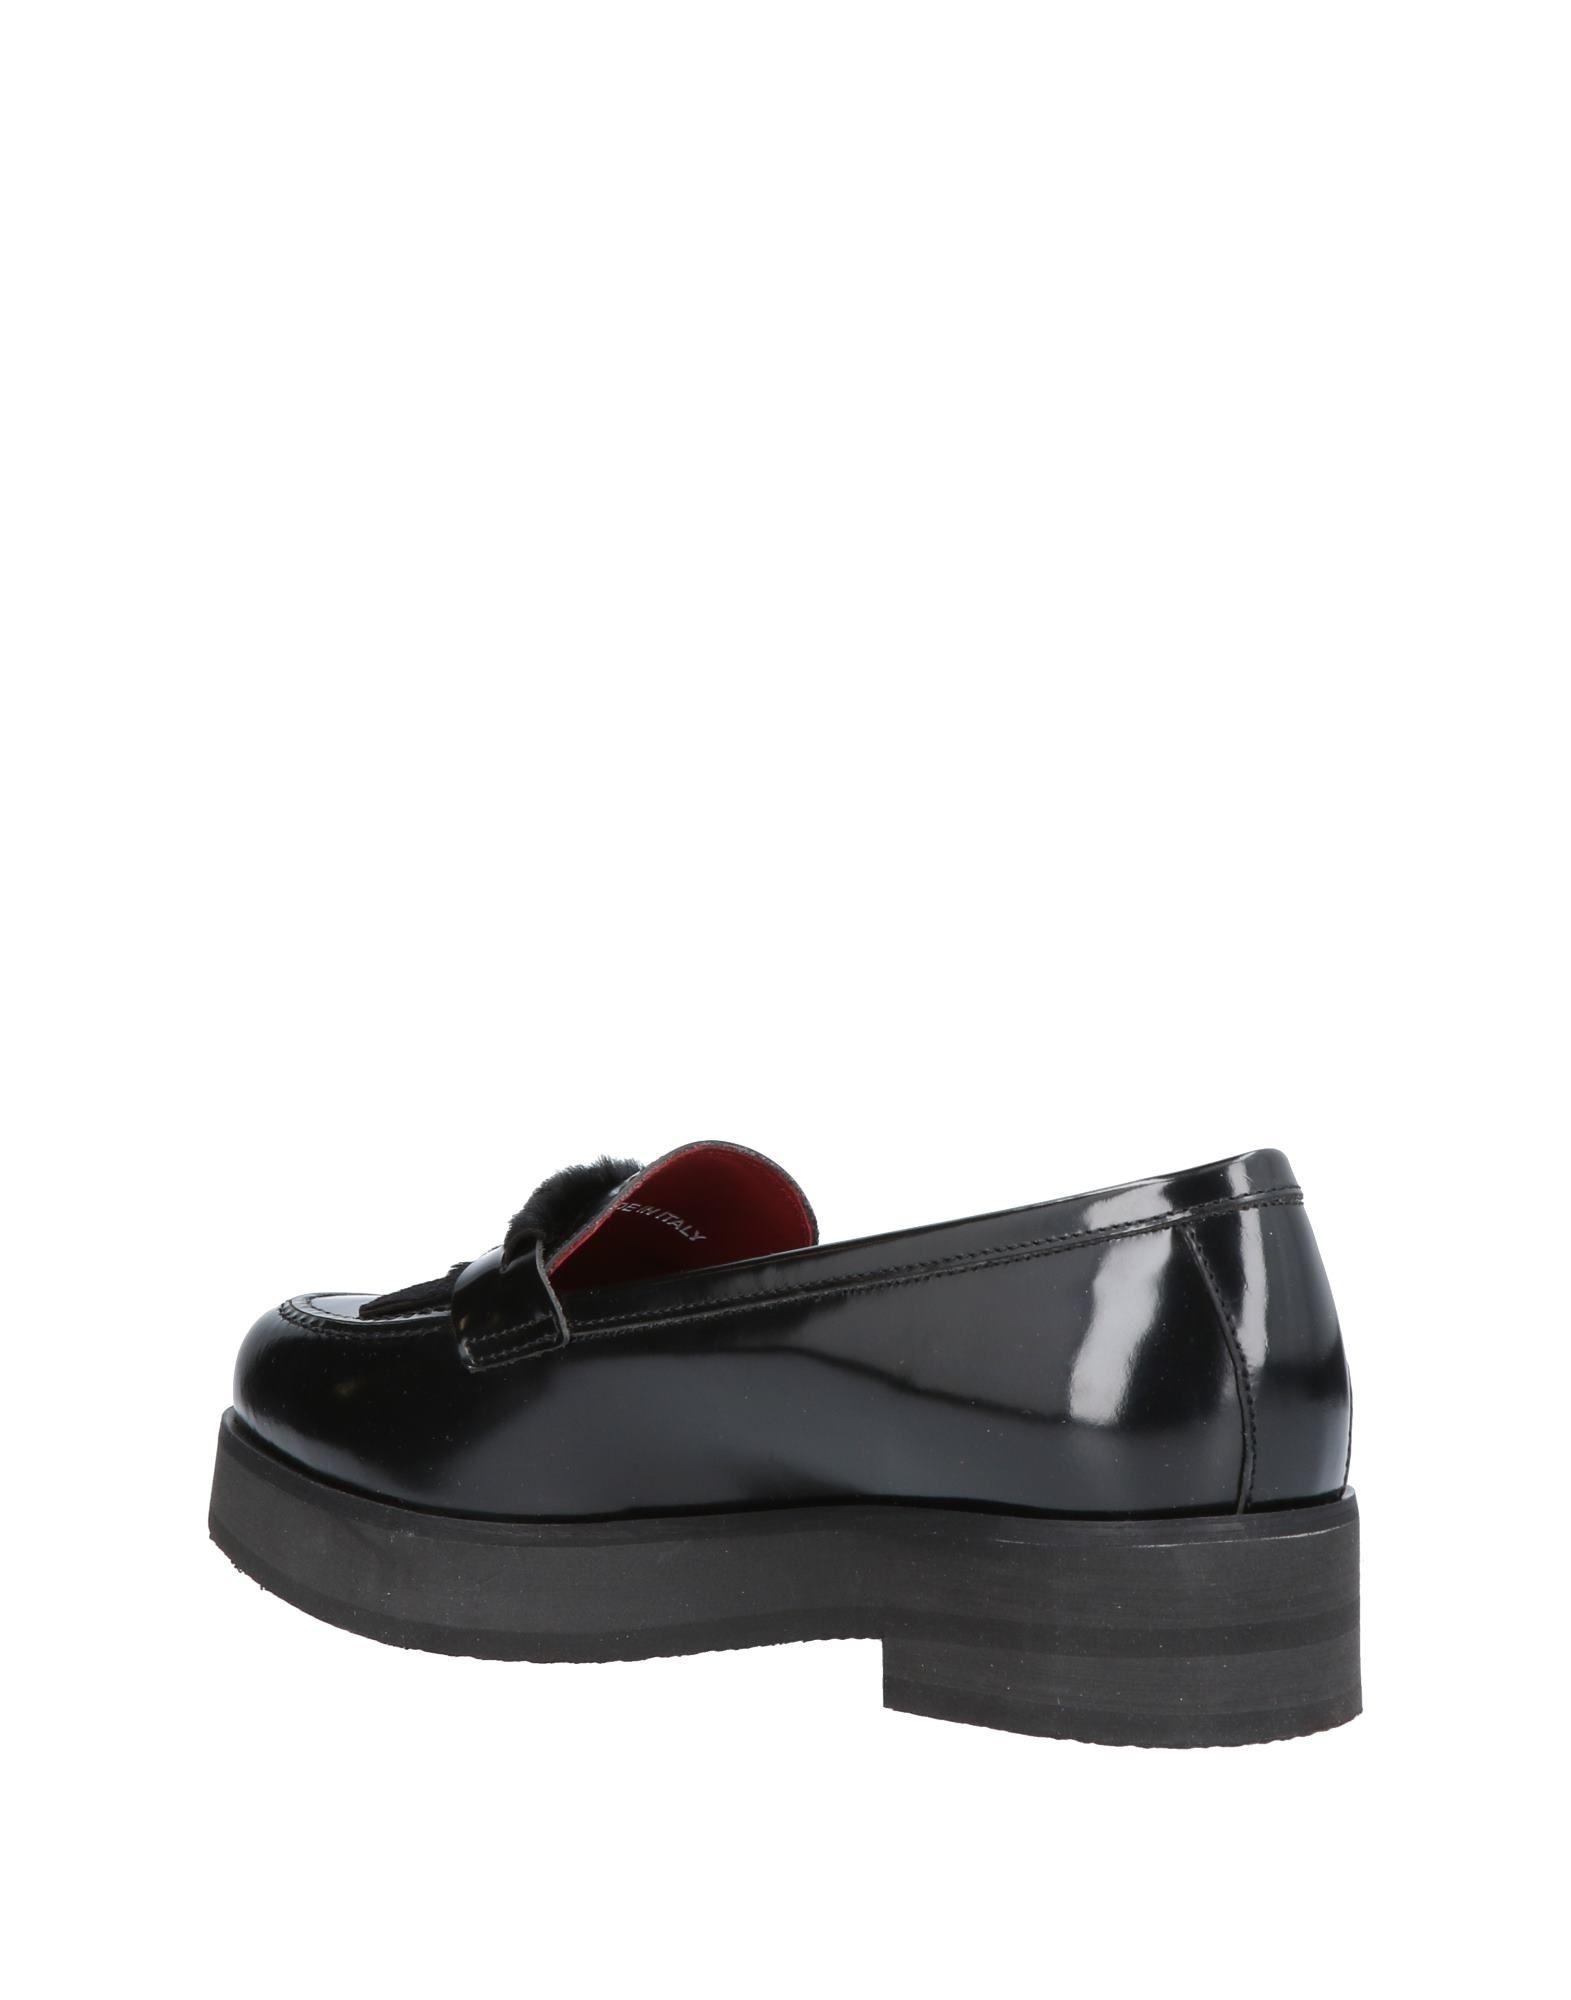 Gut um billige Mokassins Schuhe zu tragenAlexander Trend Mokassins billige Damen  11455456DL 2e5d8c